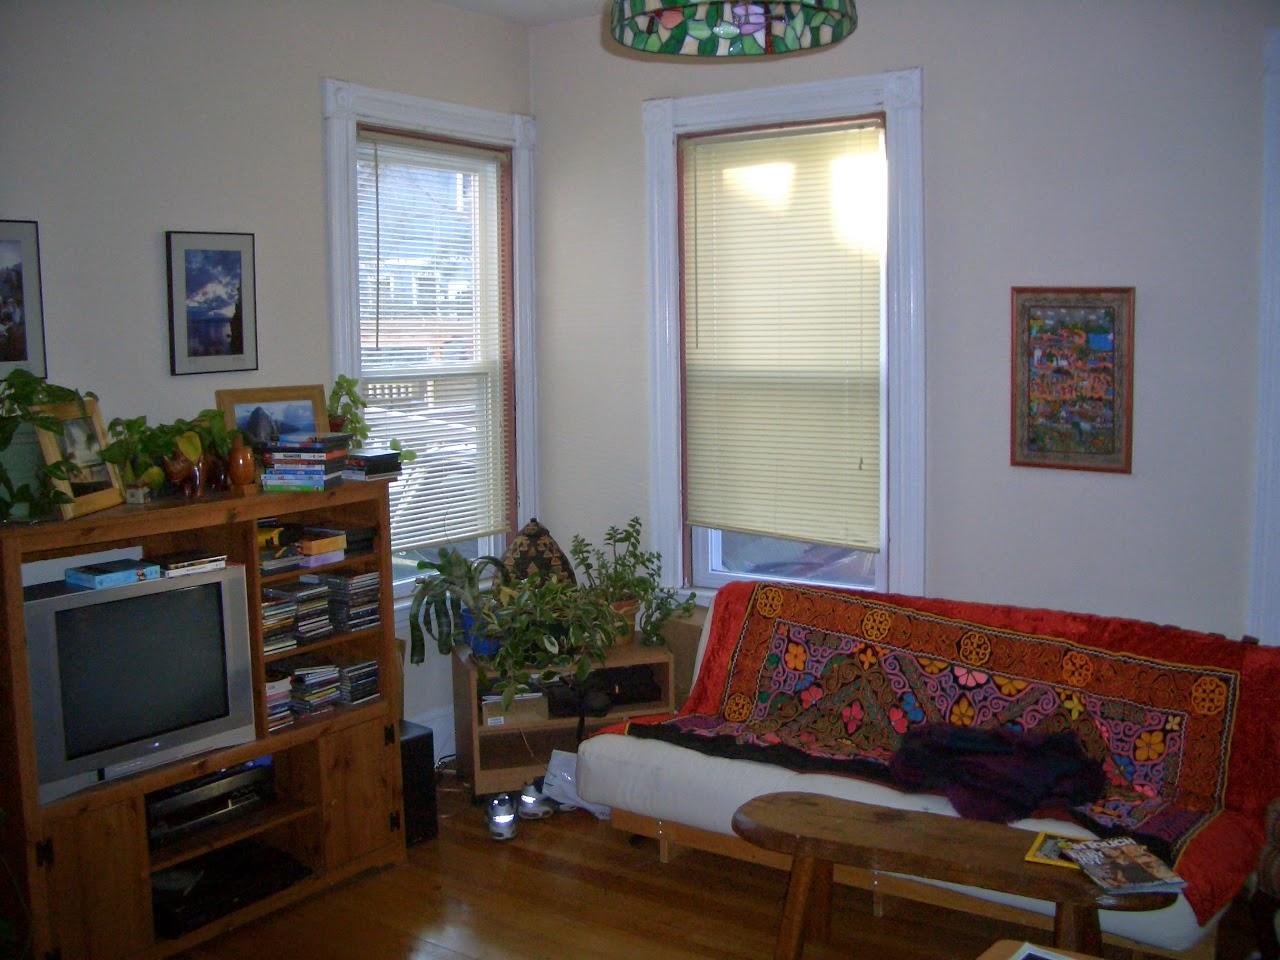 Boston Apartments: Boston Studio Apartments For Rent ...